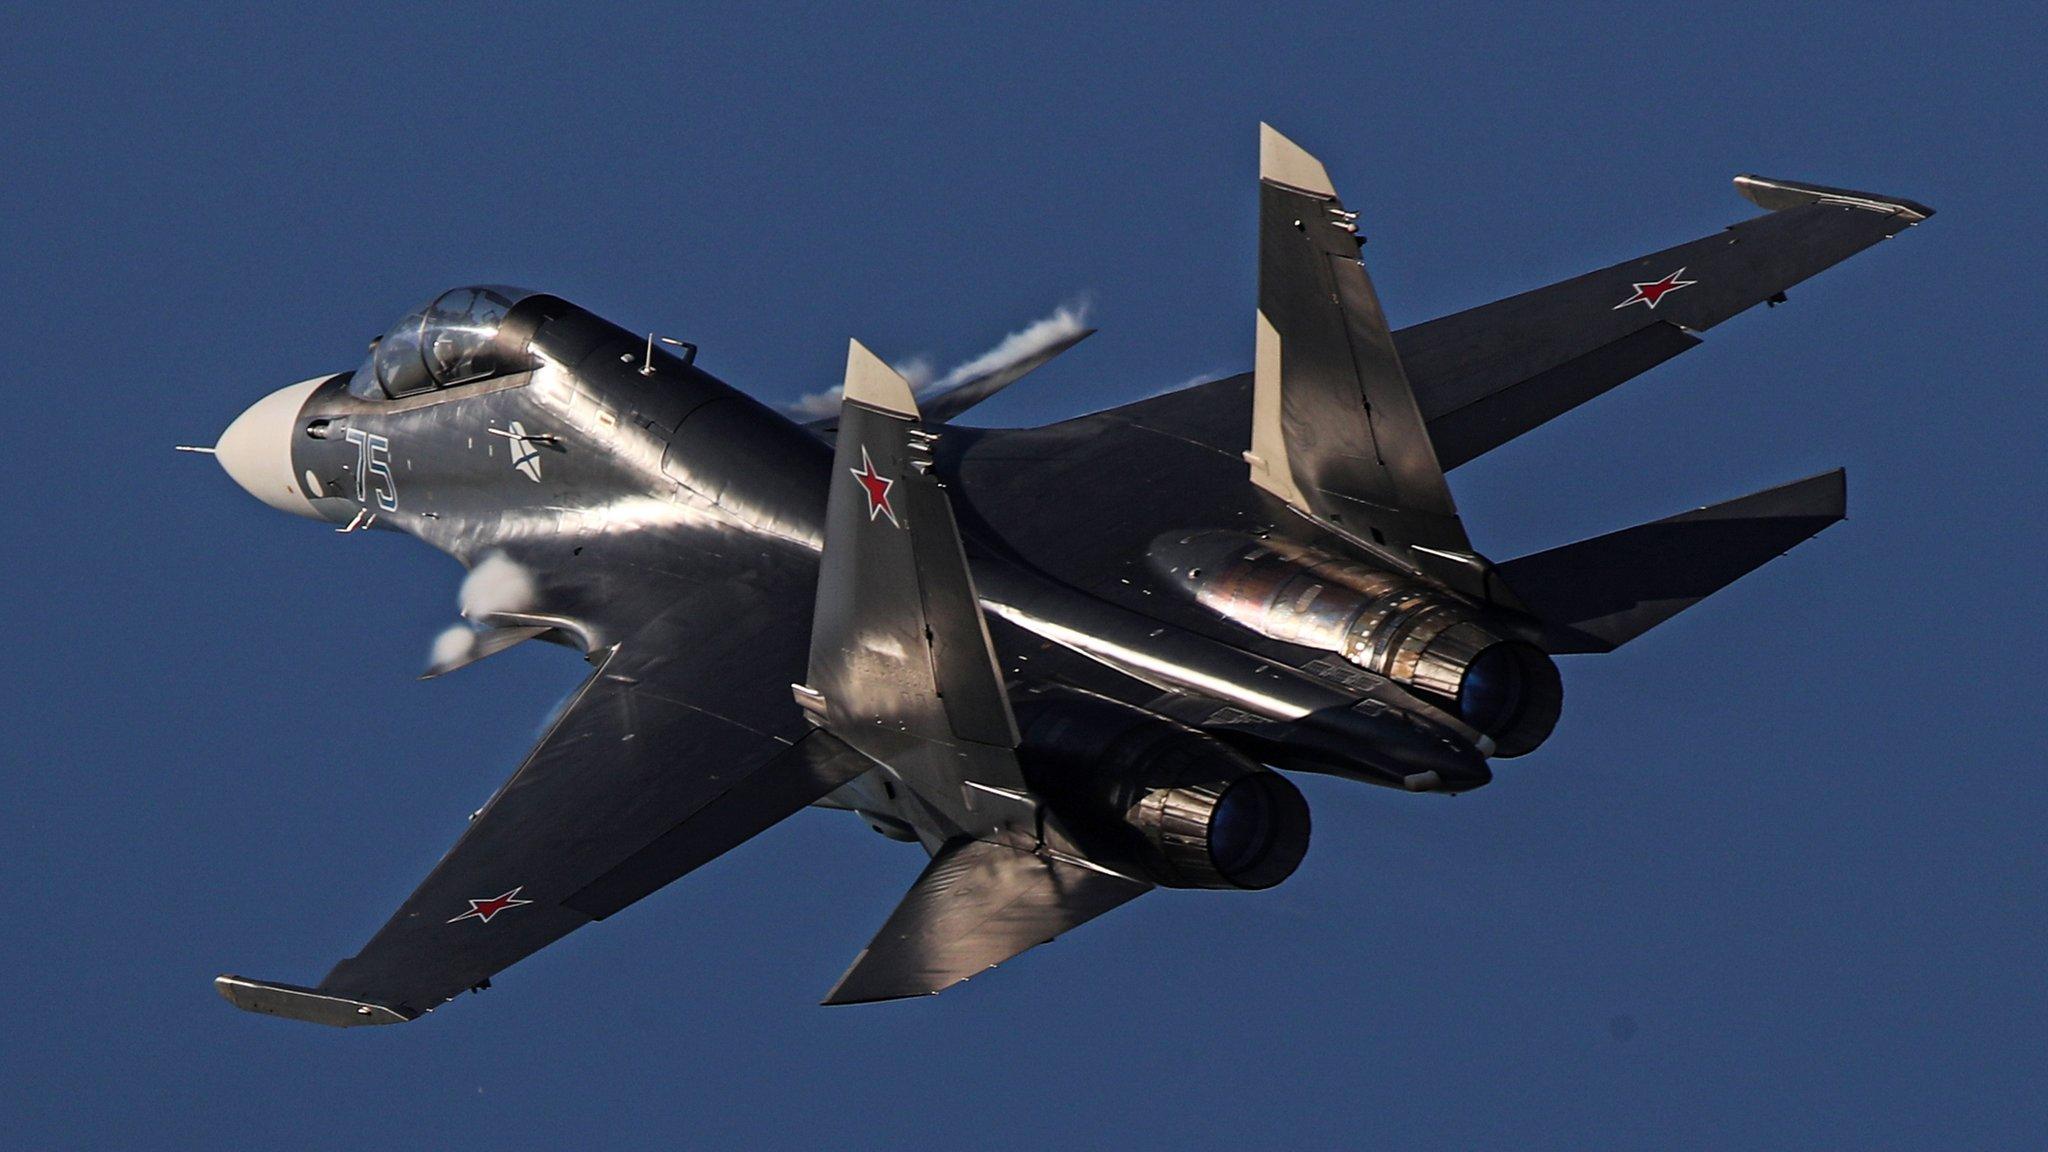 Инцидент с Су-30 на учениях под Тверью: его мог сбить другой истребитель